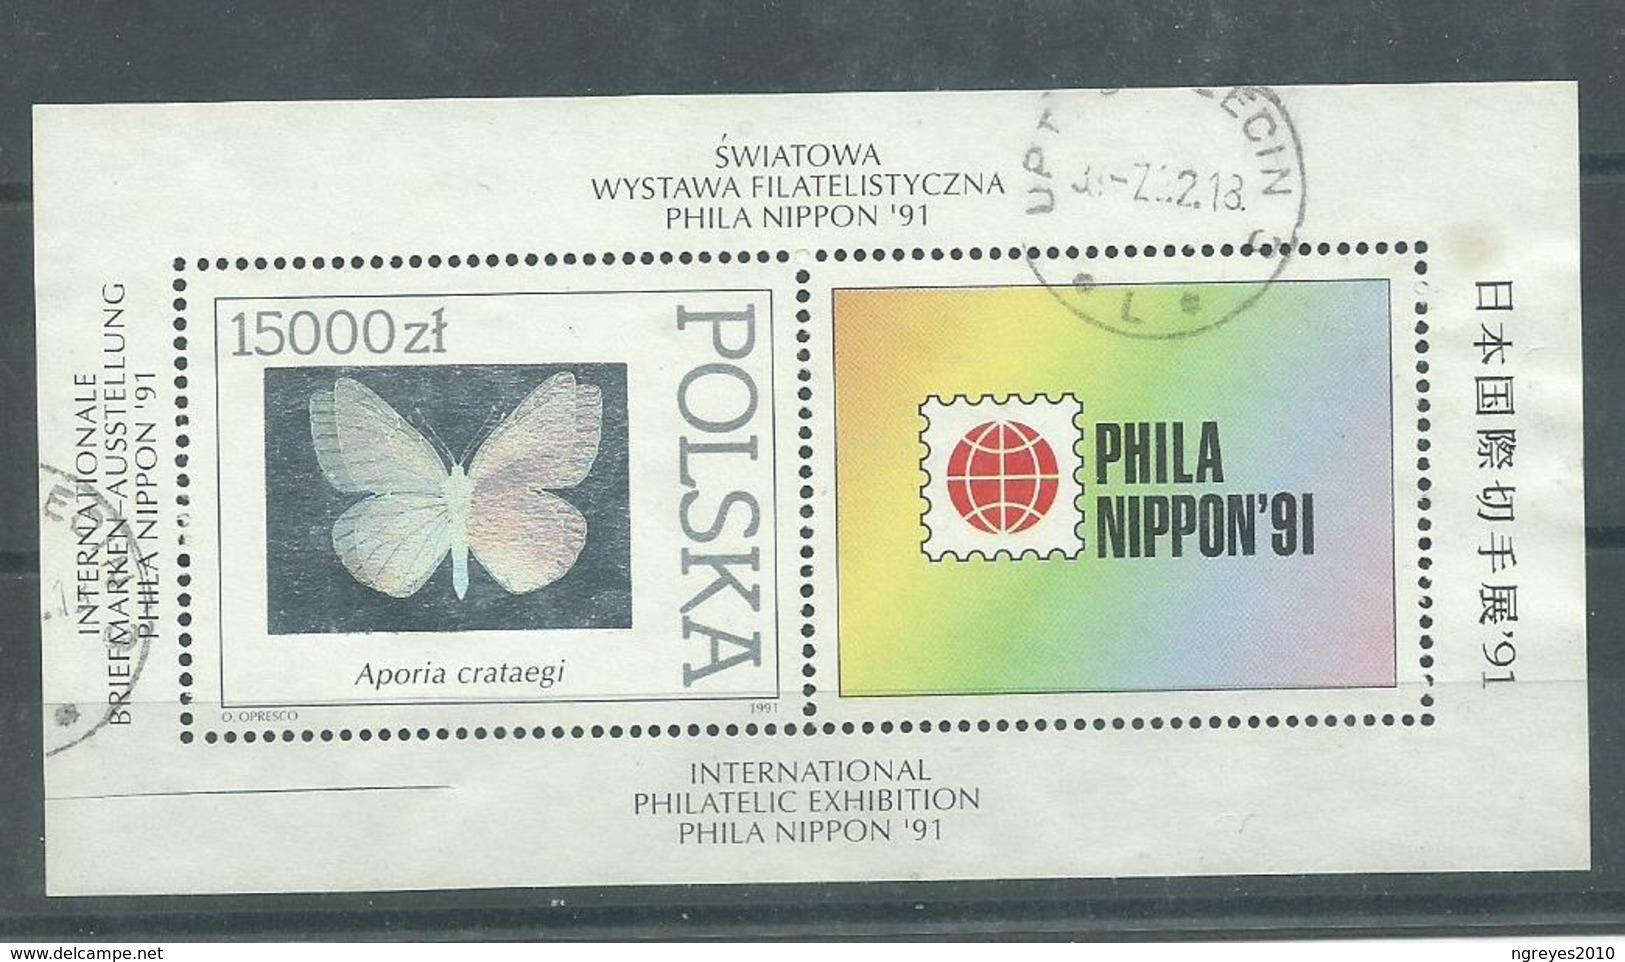 180029160  POLONIA  YVERT  HB  Nº  124 - Blocks & Sheetlets & Panes